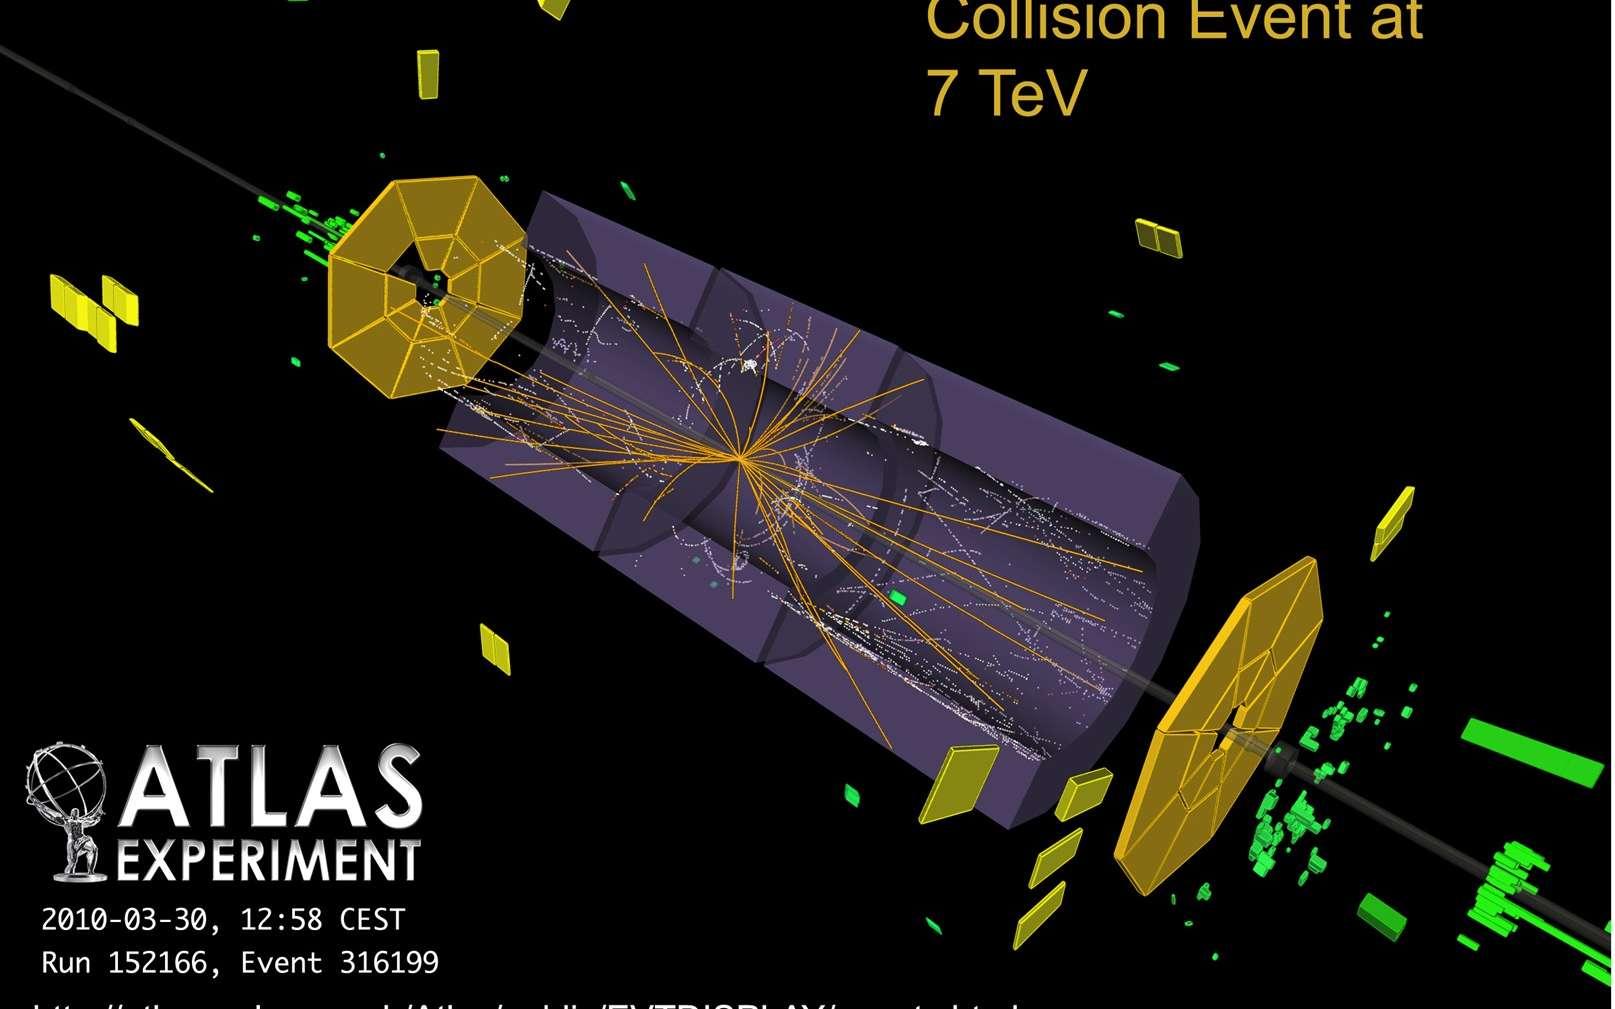 Peu avant 13 h, des collisions à des énergies jamais encore produites sont enfin arrivées dans le détecteur Atlas. Les trajectoires en jaune de certaines des particules parmi les plus intéressantes sont clairement visibles sur cette image obtenue avec des ordinateurs à partir des capteurs équipant Atlas. Crédits : Claudia Marcelloni-Cern.